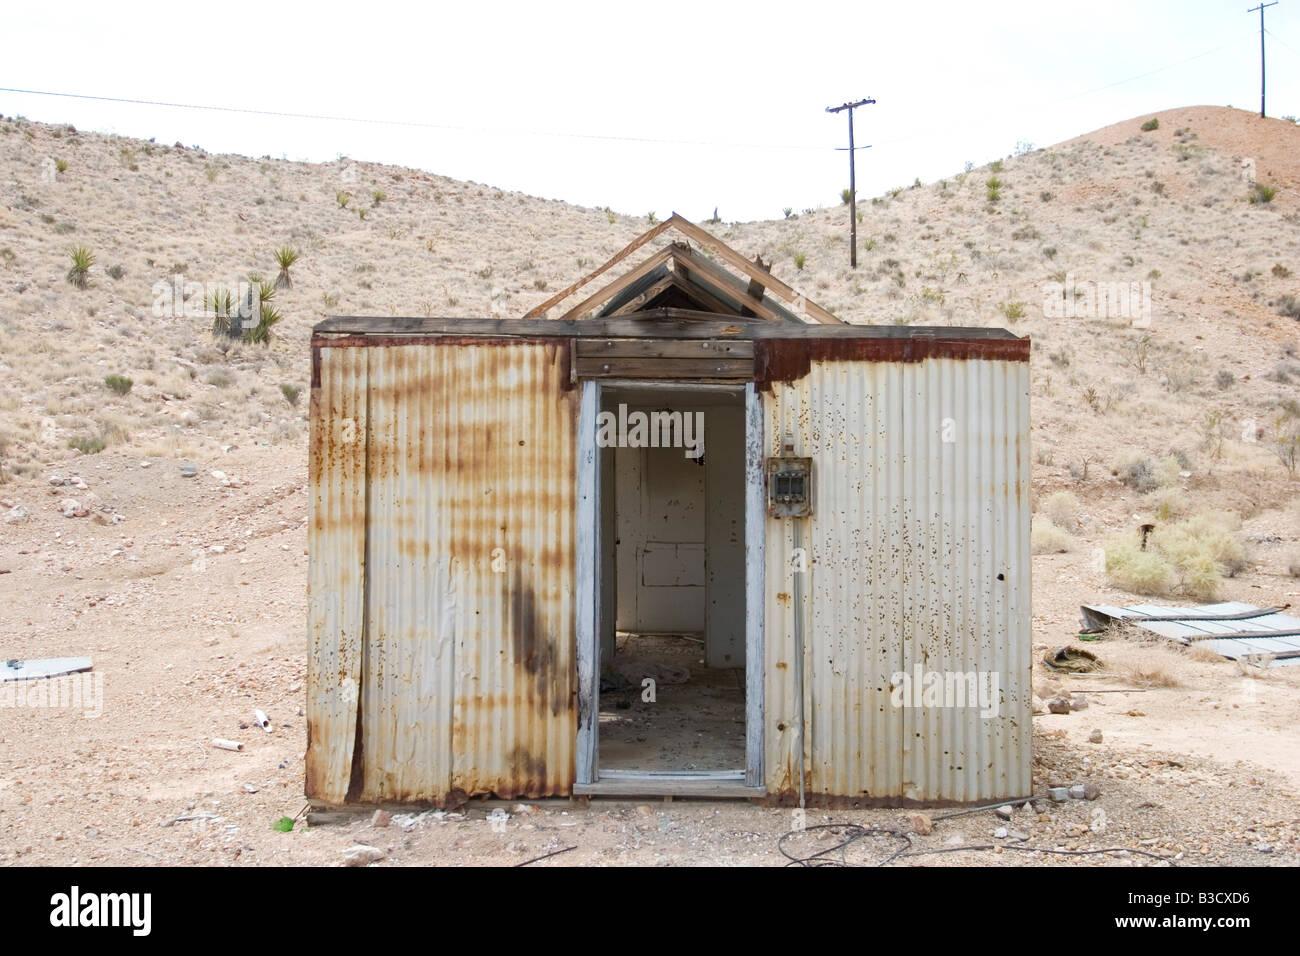 Casa oxidado en el desierto Foto de stock